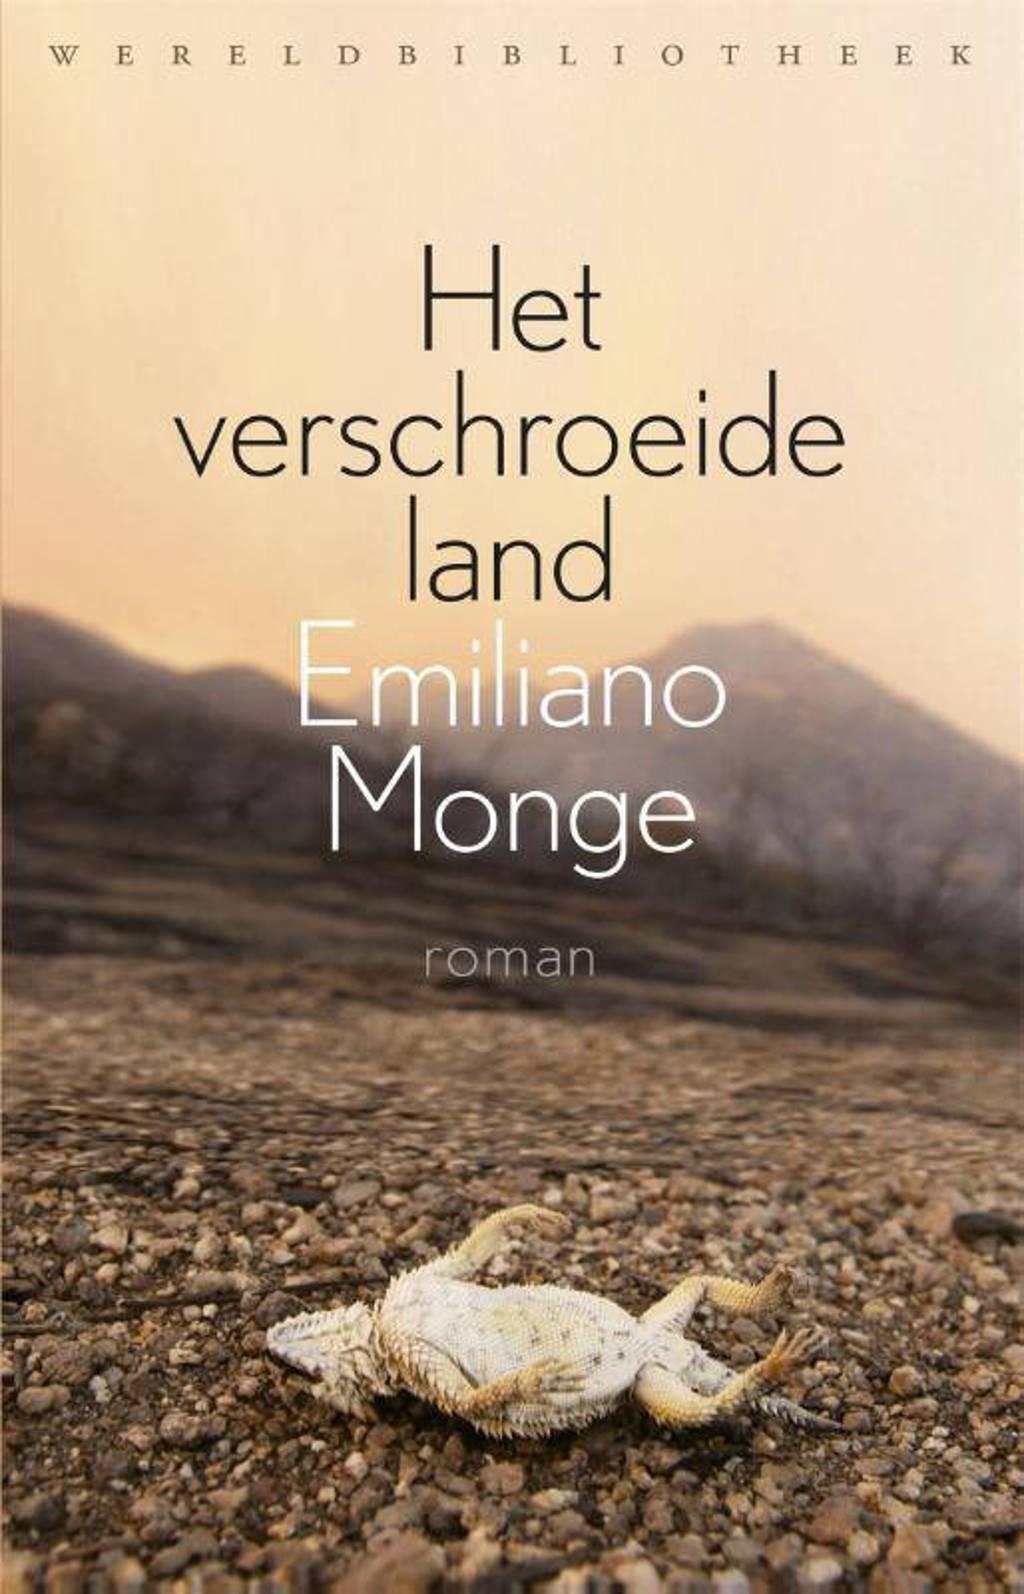 Het verschroeide land - Emiliano Monge